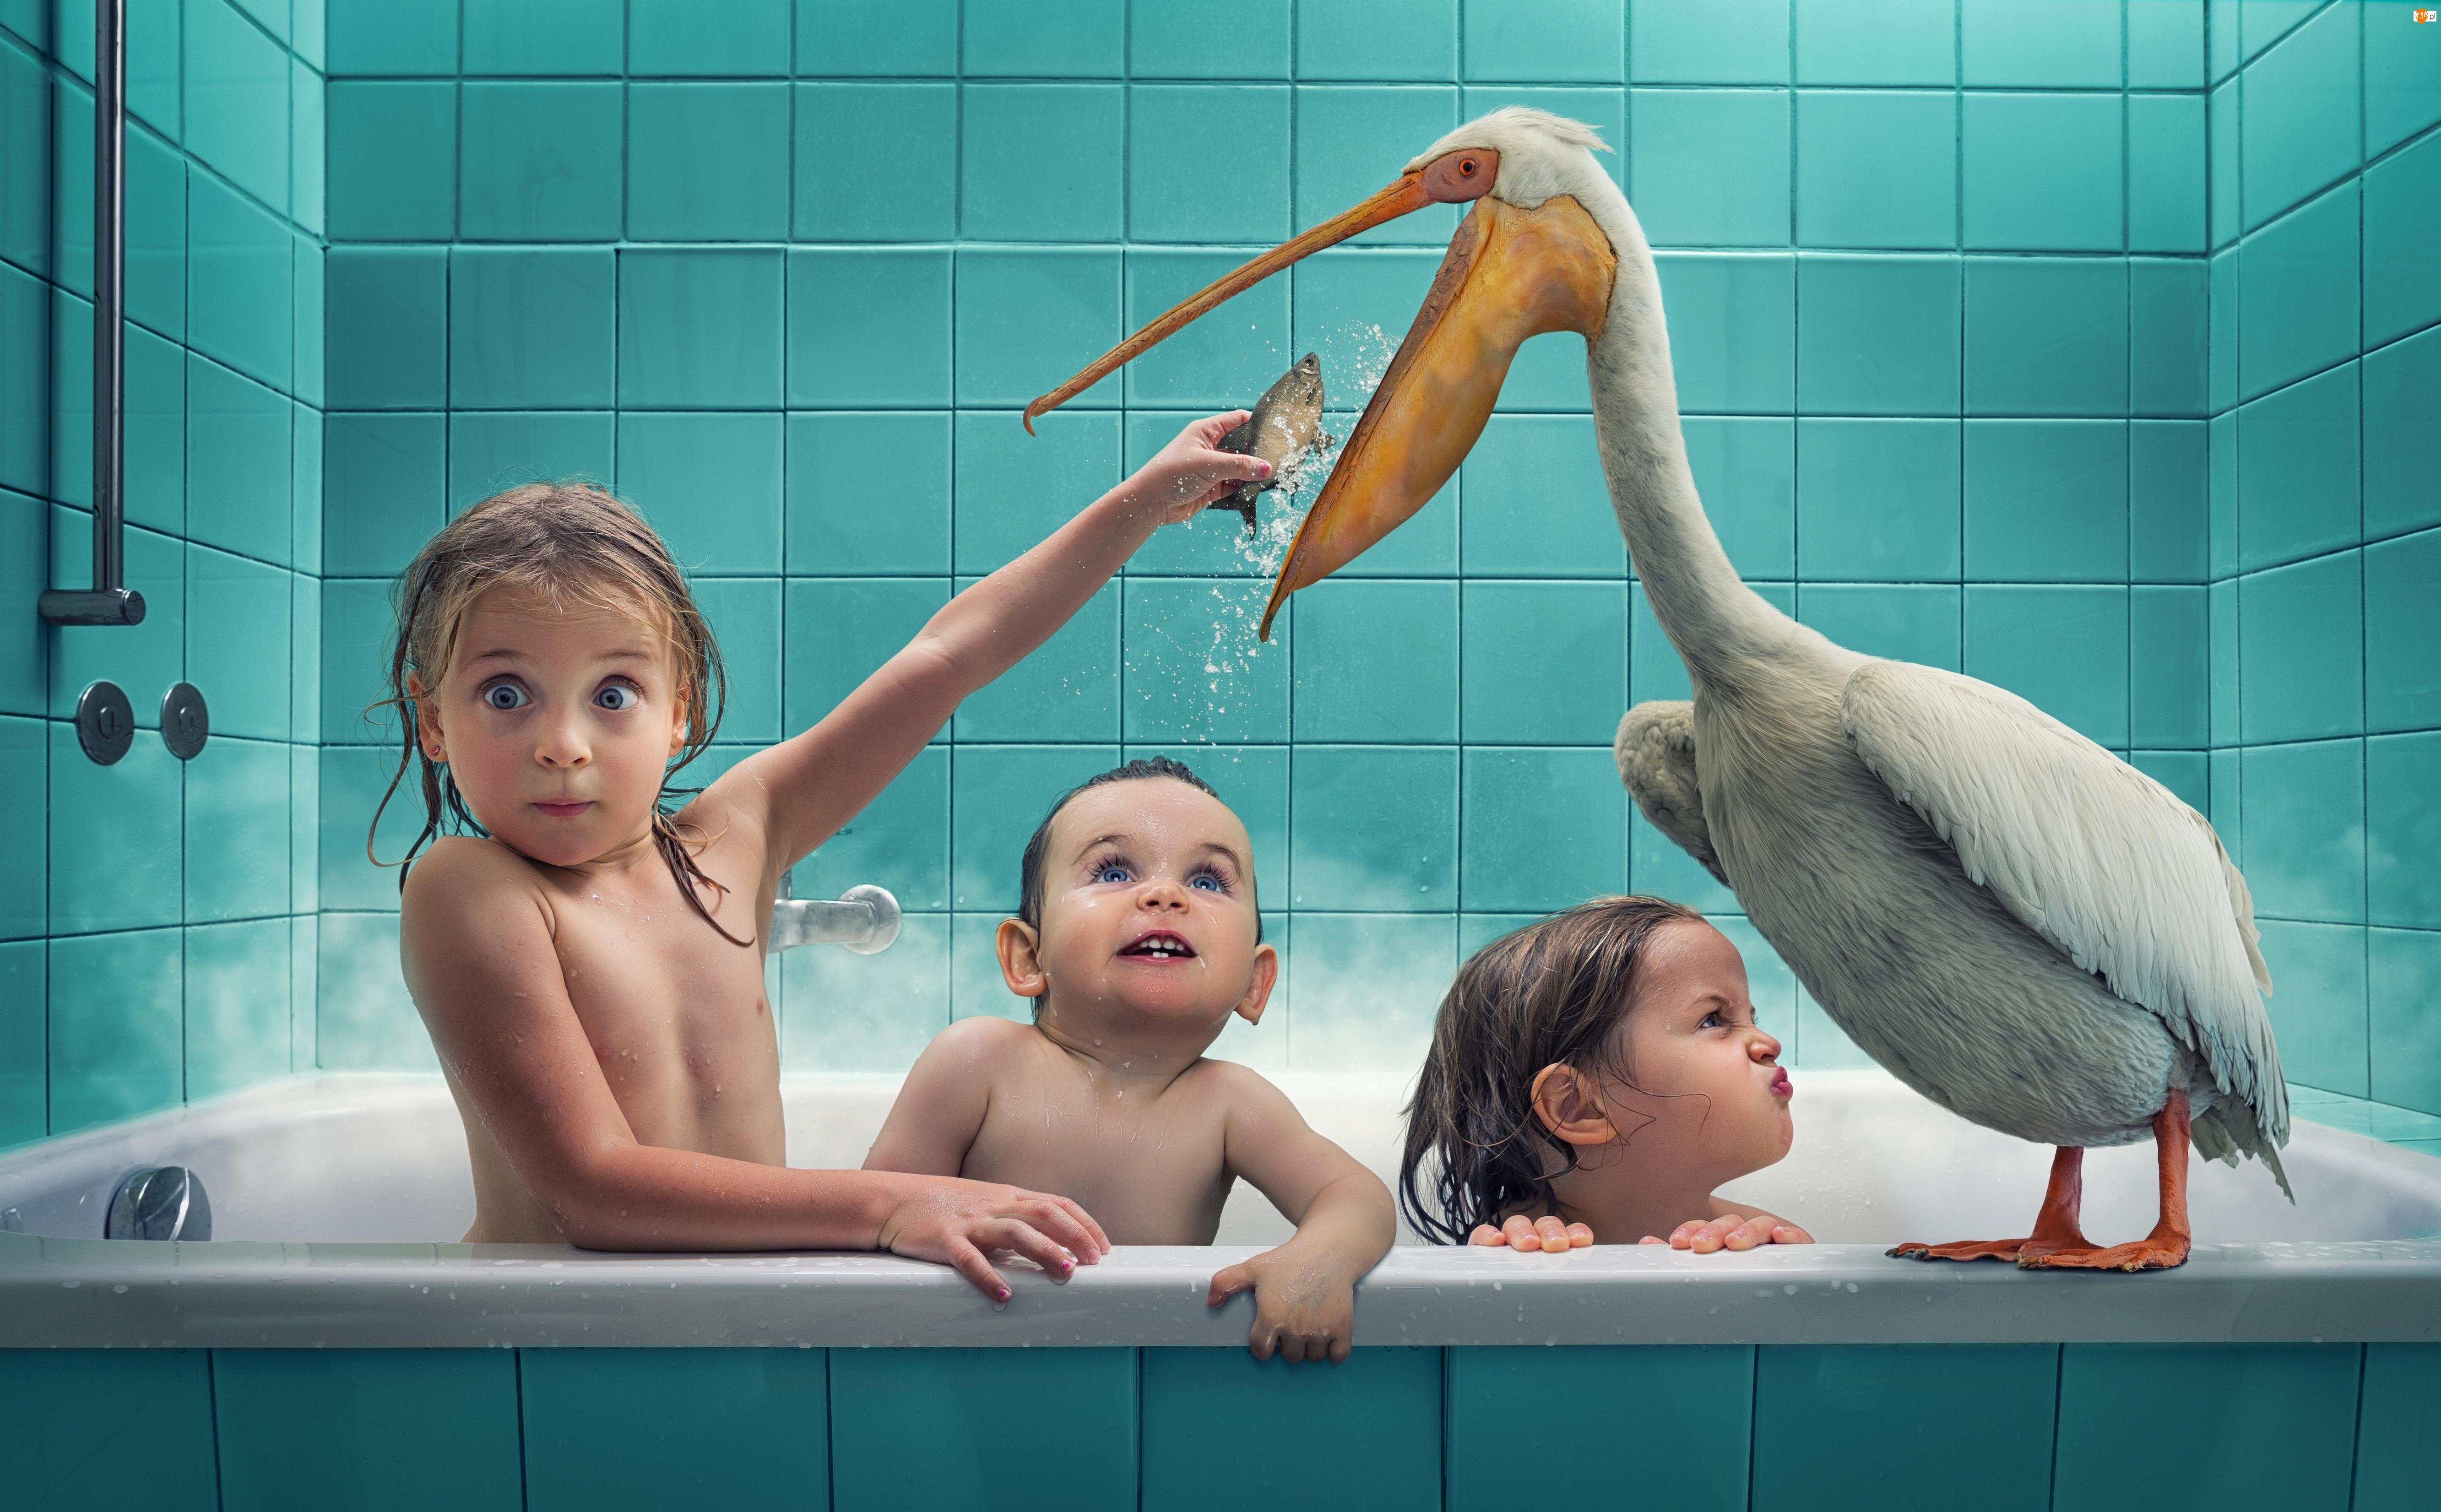 Pelikan, Zabawne, Kąpiel, Dzieci, Rybka